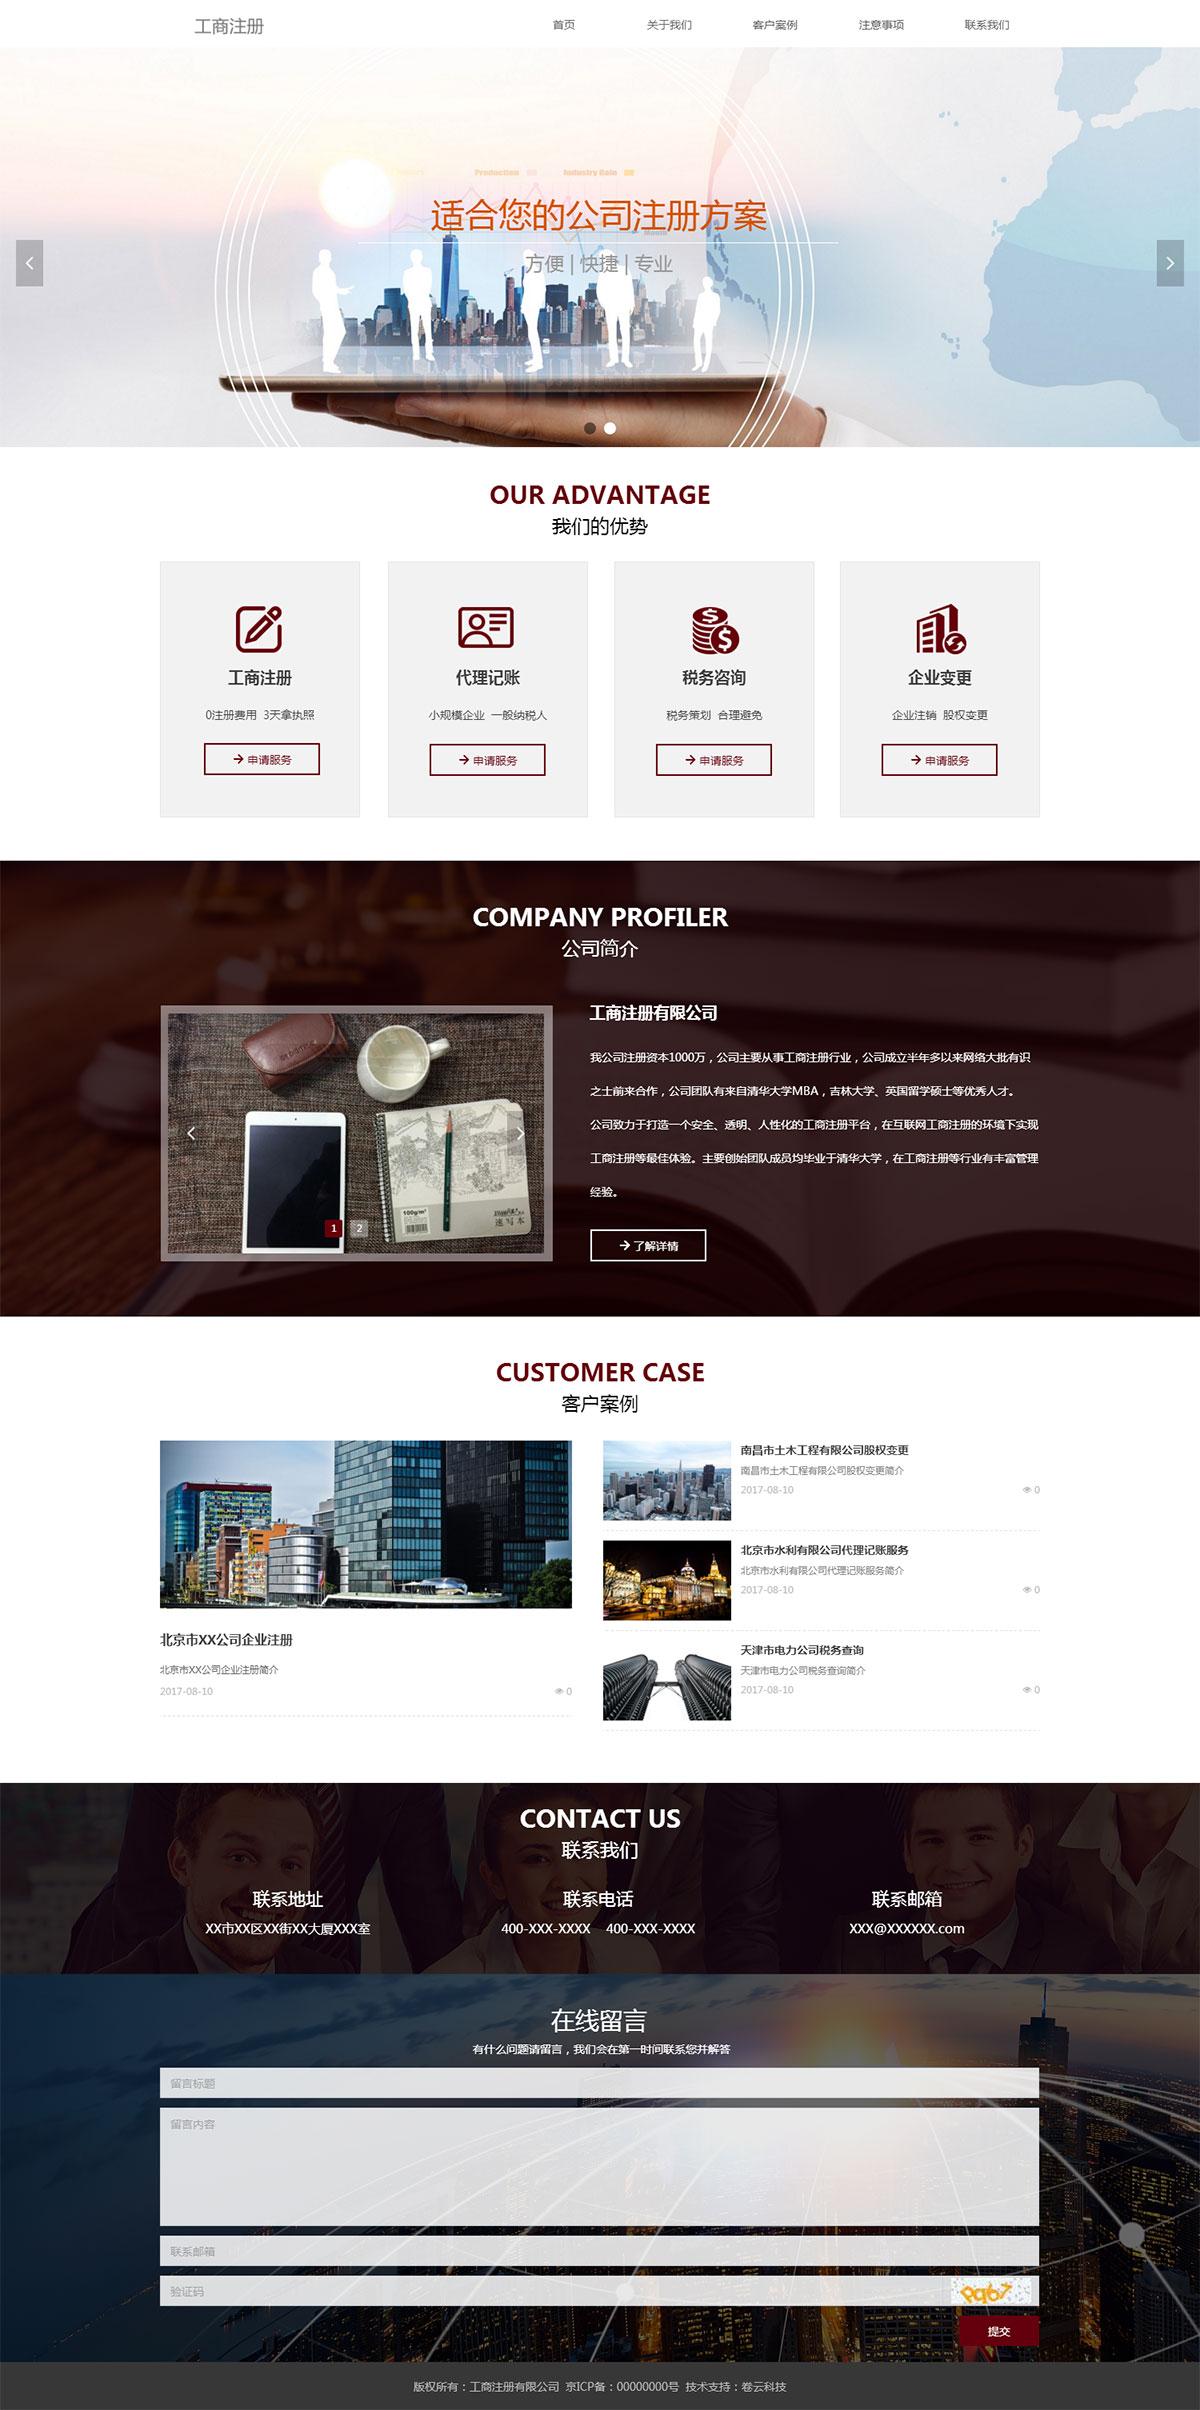 工商注册公司网站案例-卷云科技